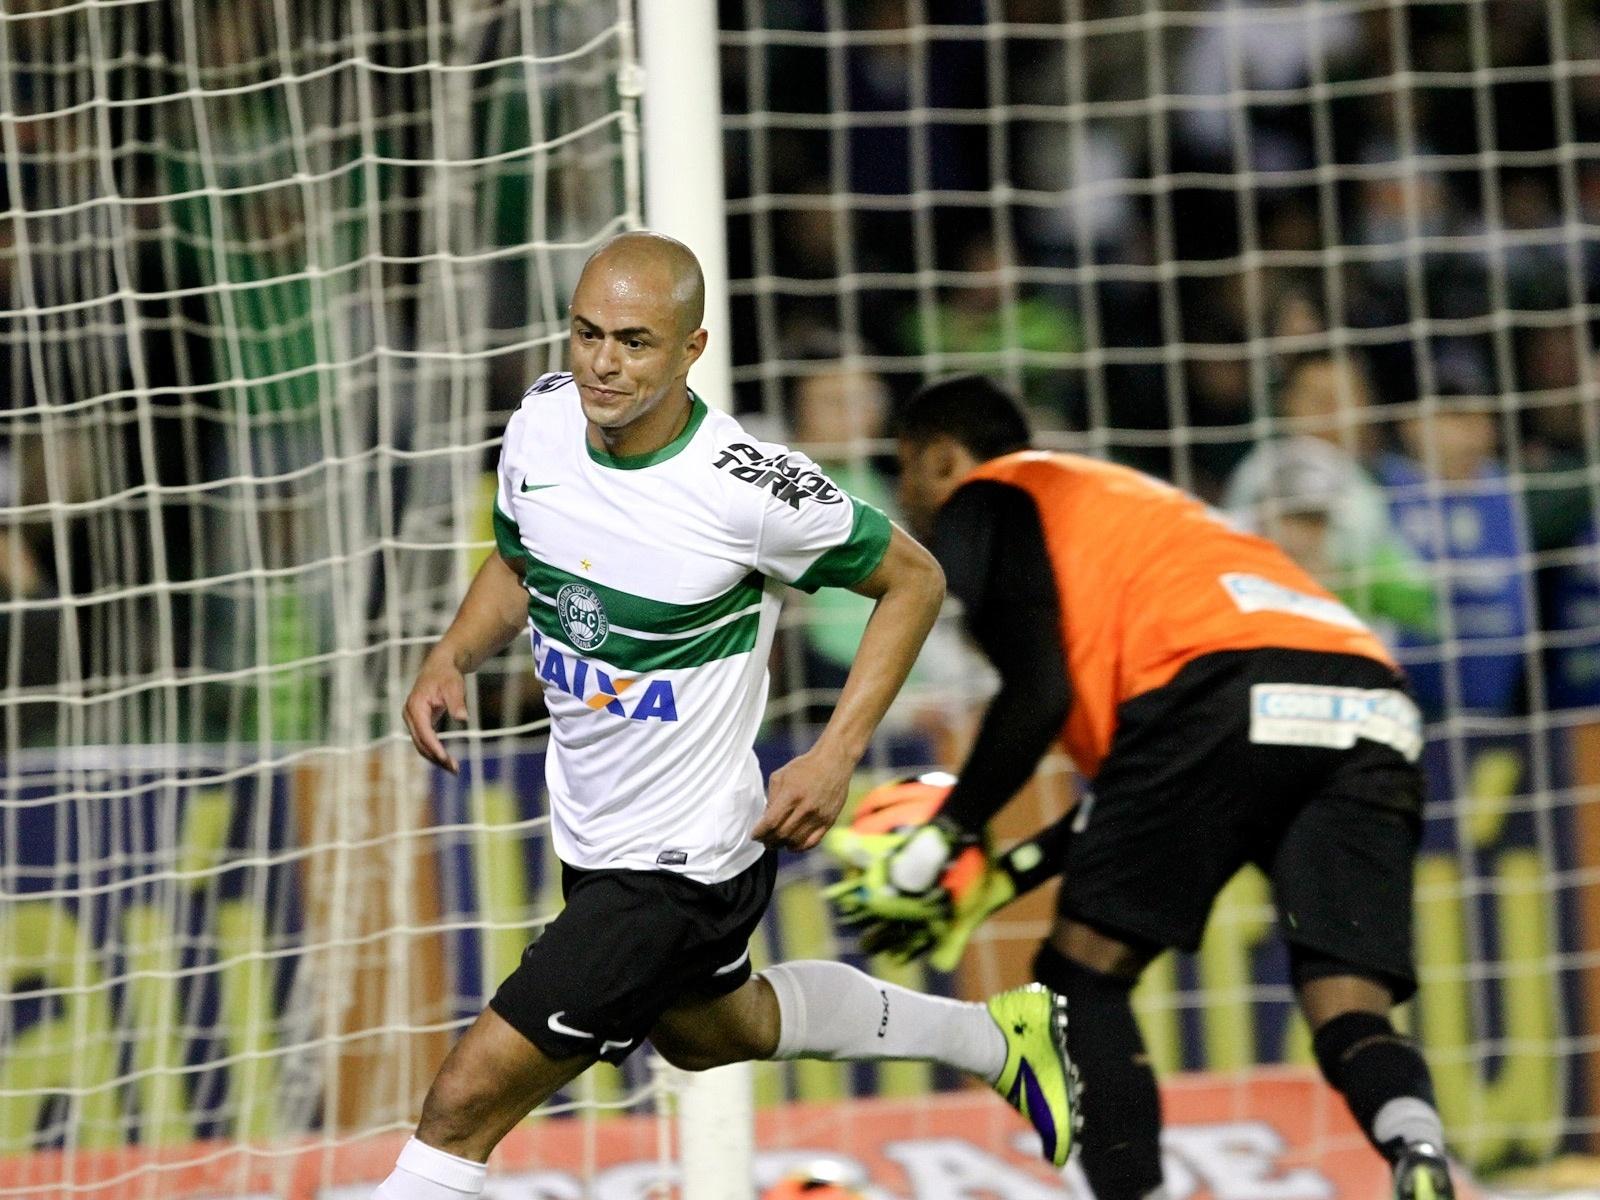 Julio César comemora seu gol na vitória do Coritiba sobre o Santos (09/10/2013)